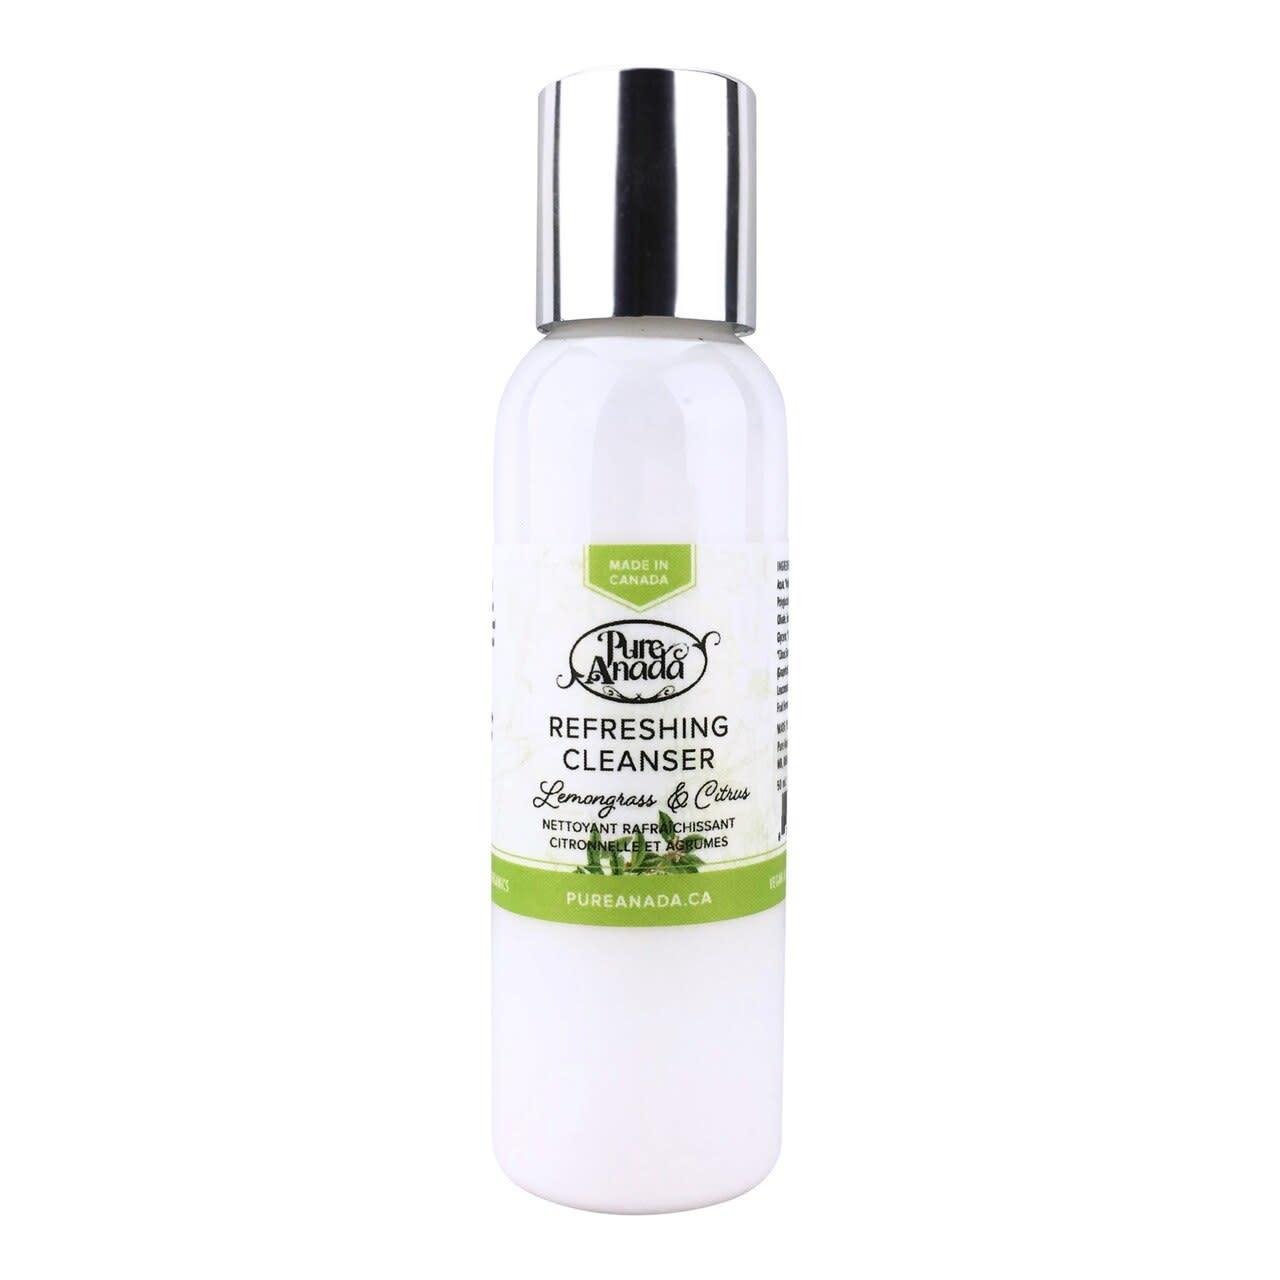 Refreshing Cleanser - Lemongrass & Citrus-2